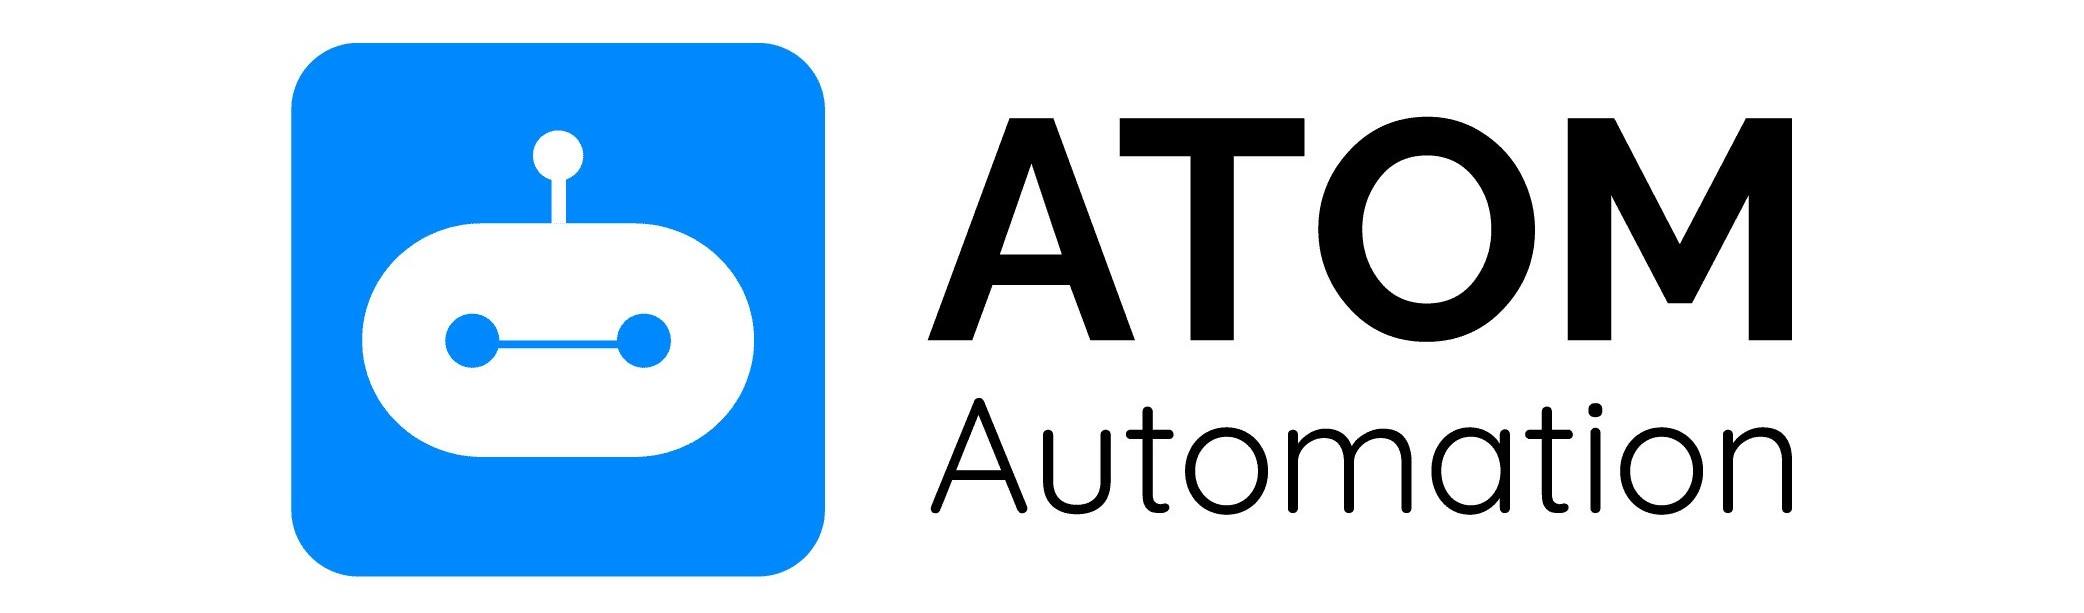 ERGO_atom8 shopify automation